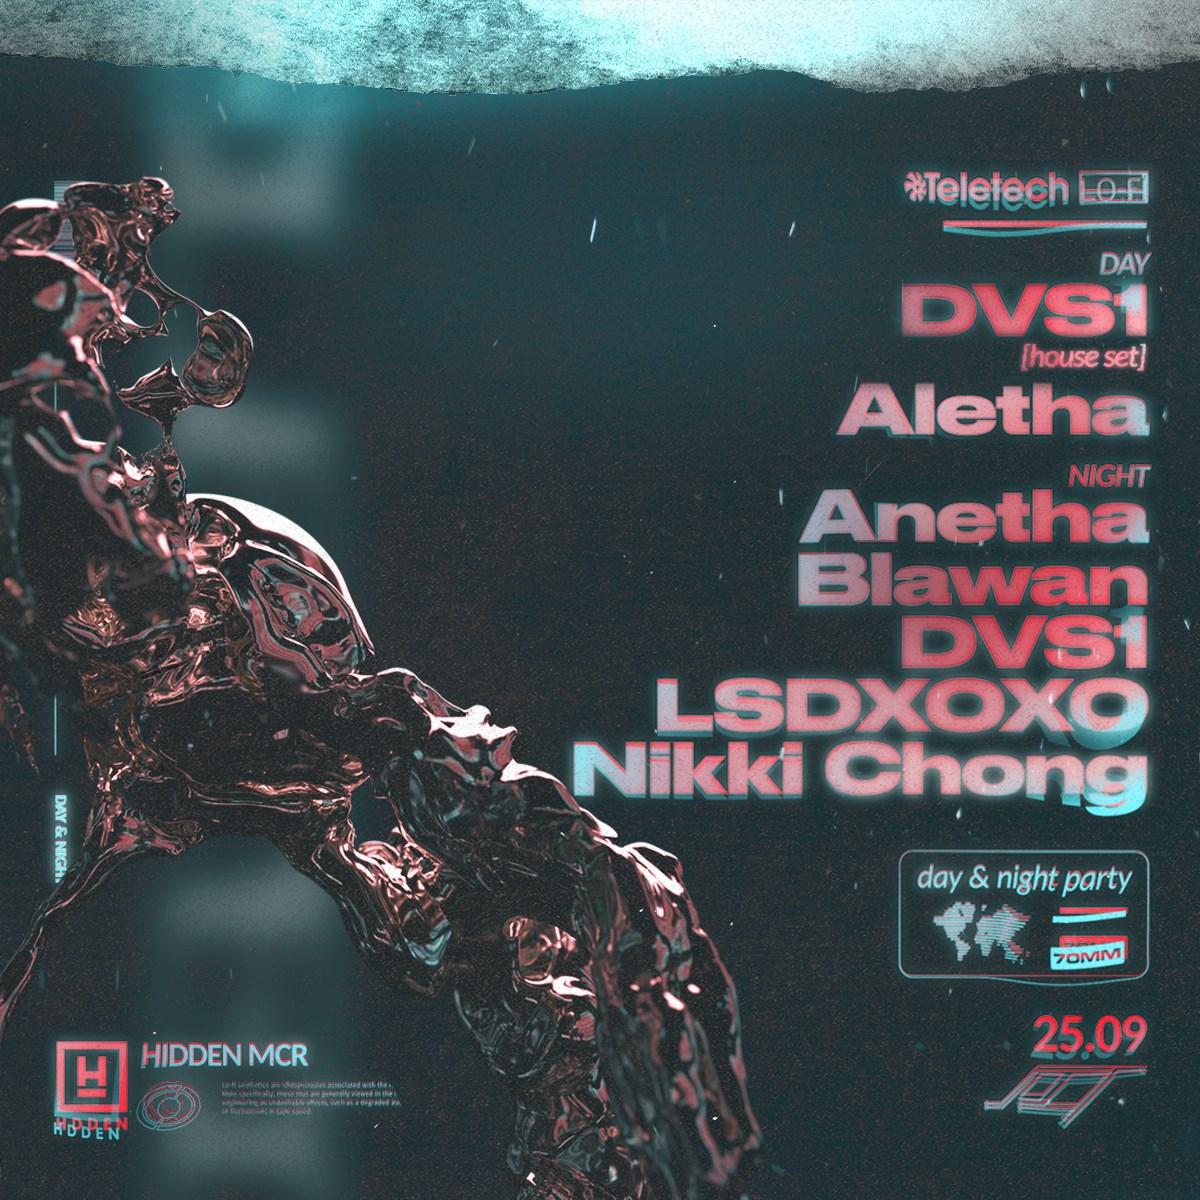 Hidden Autumn Opening: DVS1 [house set], Anetha, Blawan, DVS1, LSDXOXO, Aletha & Nikki Chong - Flyer back